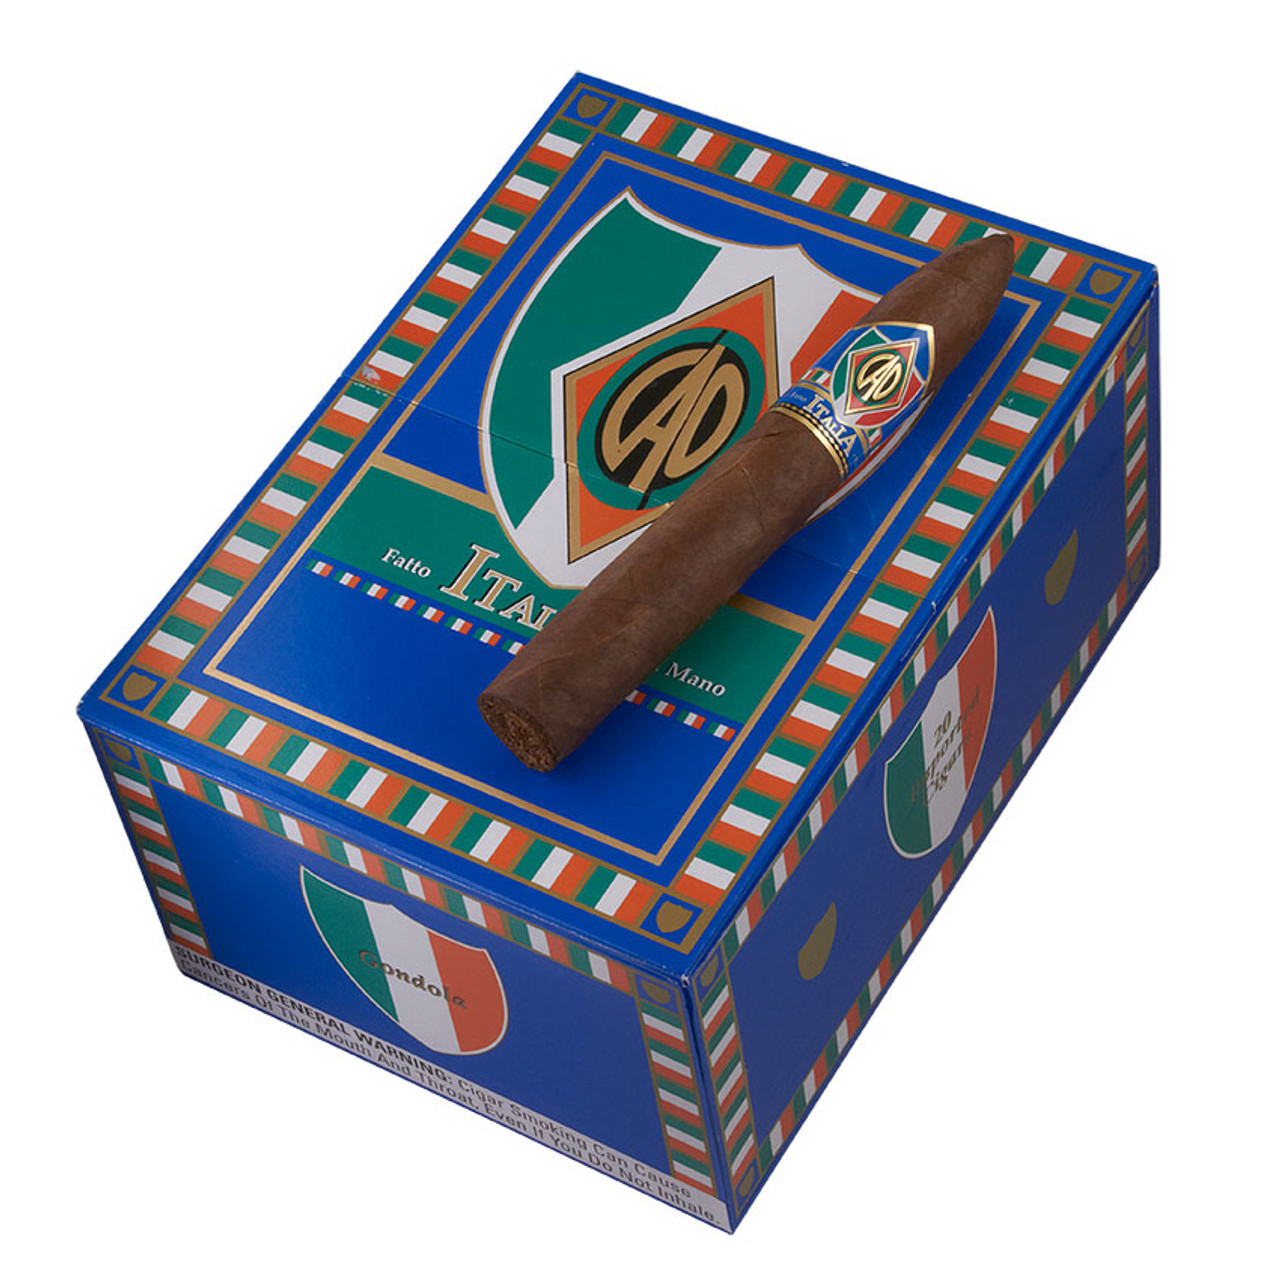 CAO Italia Gondola Cigars - 6 1/4 x 54 (Box of 20)